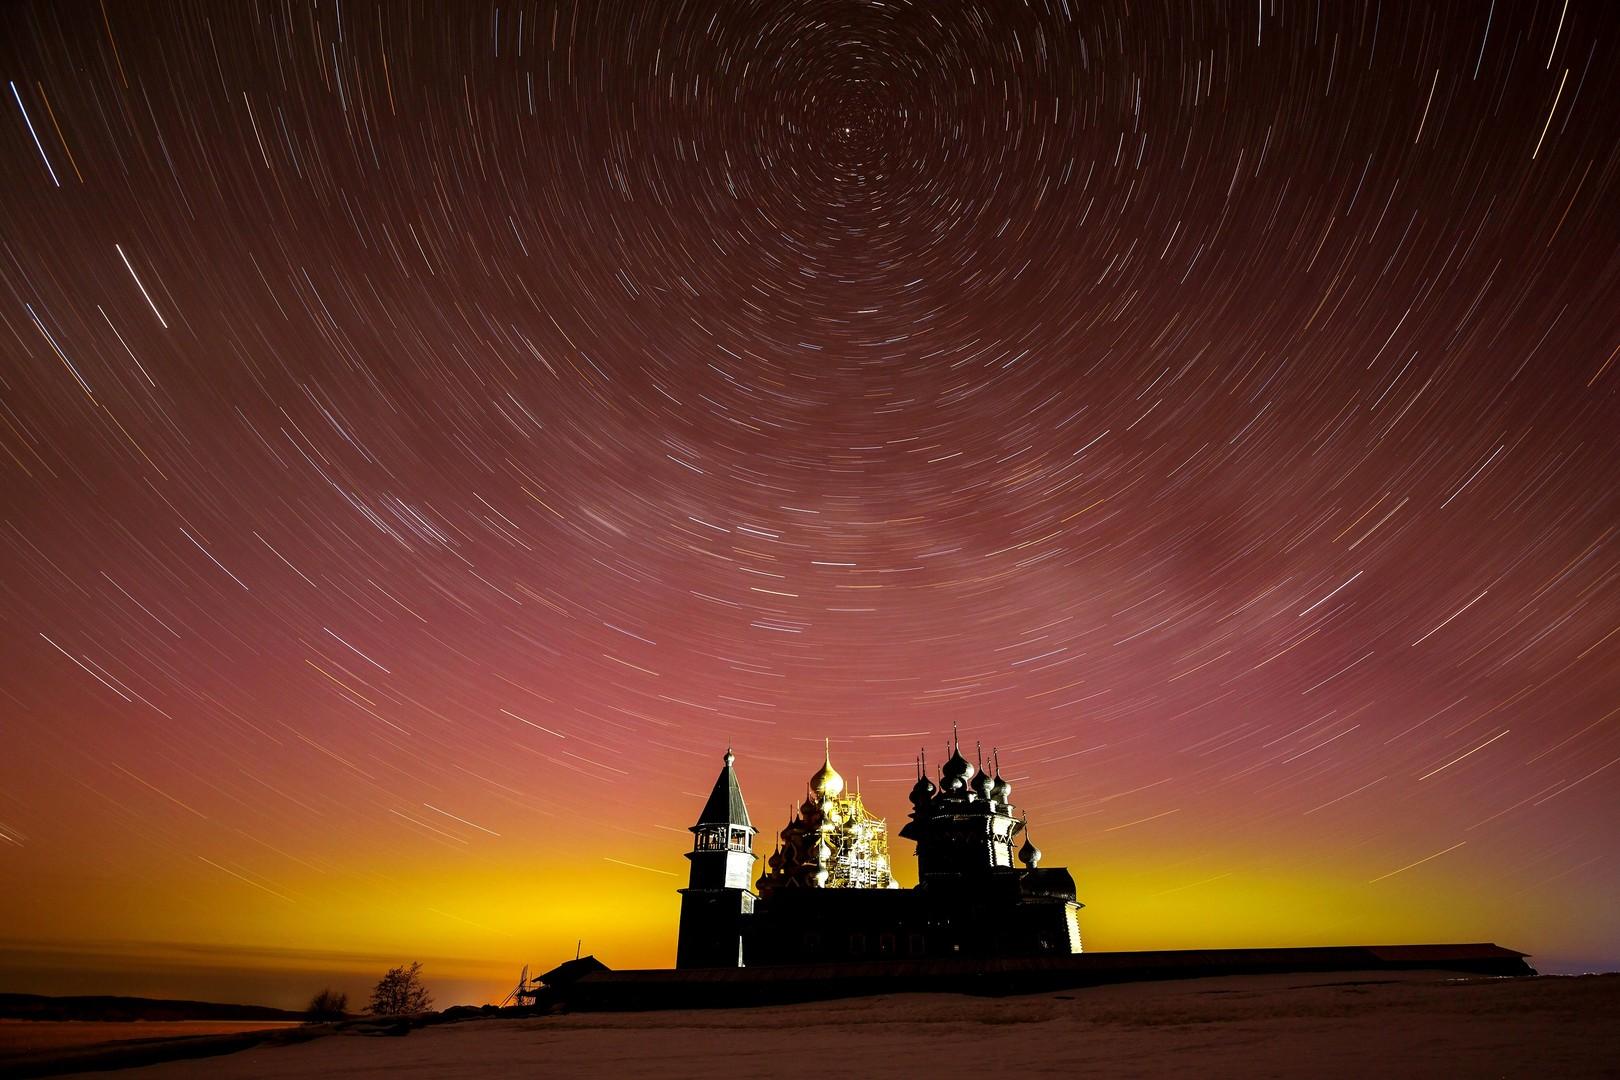 Weiße Nächte in Russland: Erster Charterzug mit ausländischen Gästen startet Reise gen Arktis